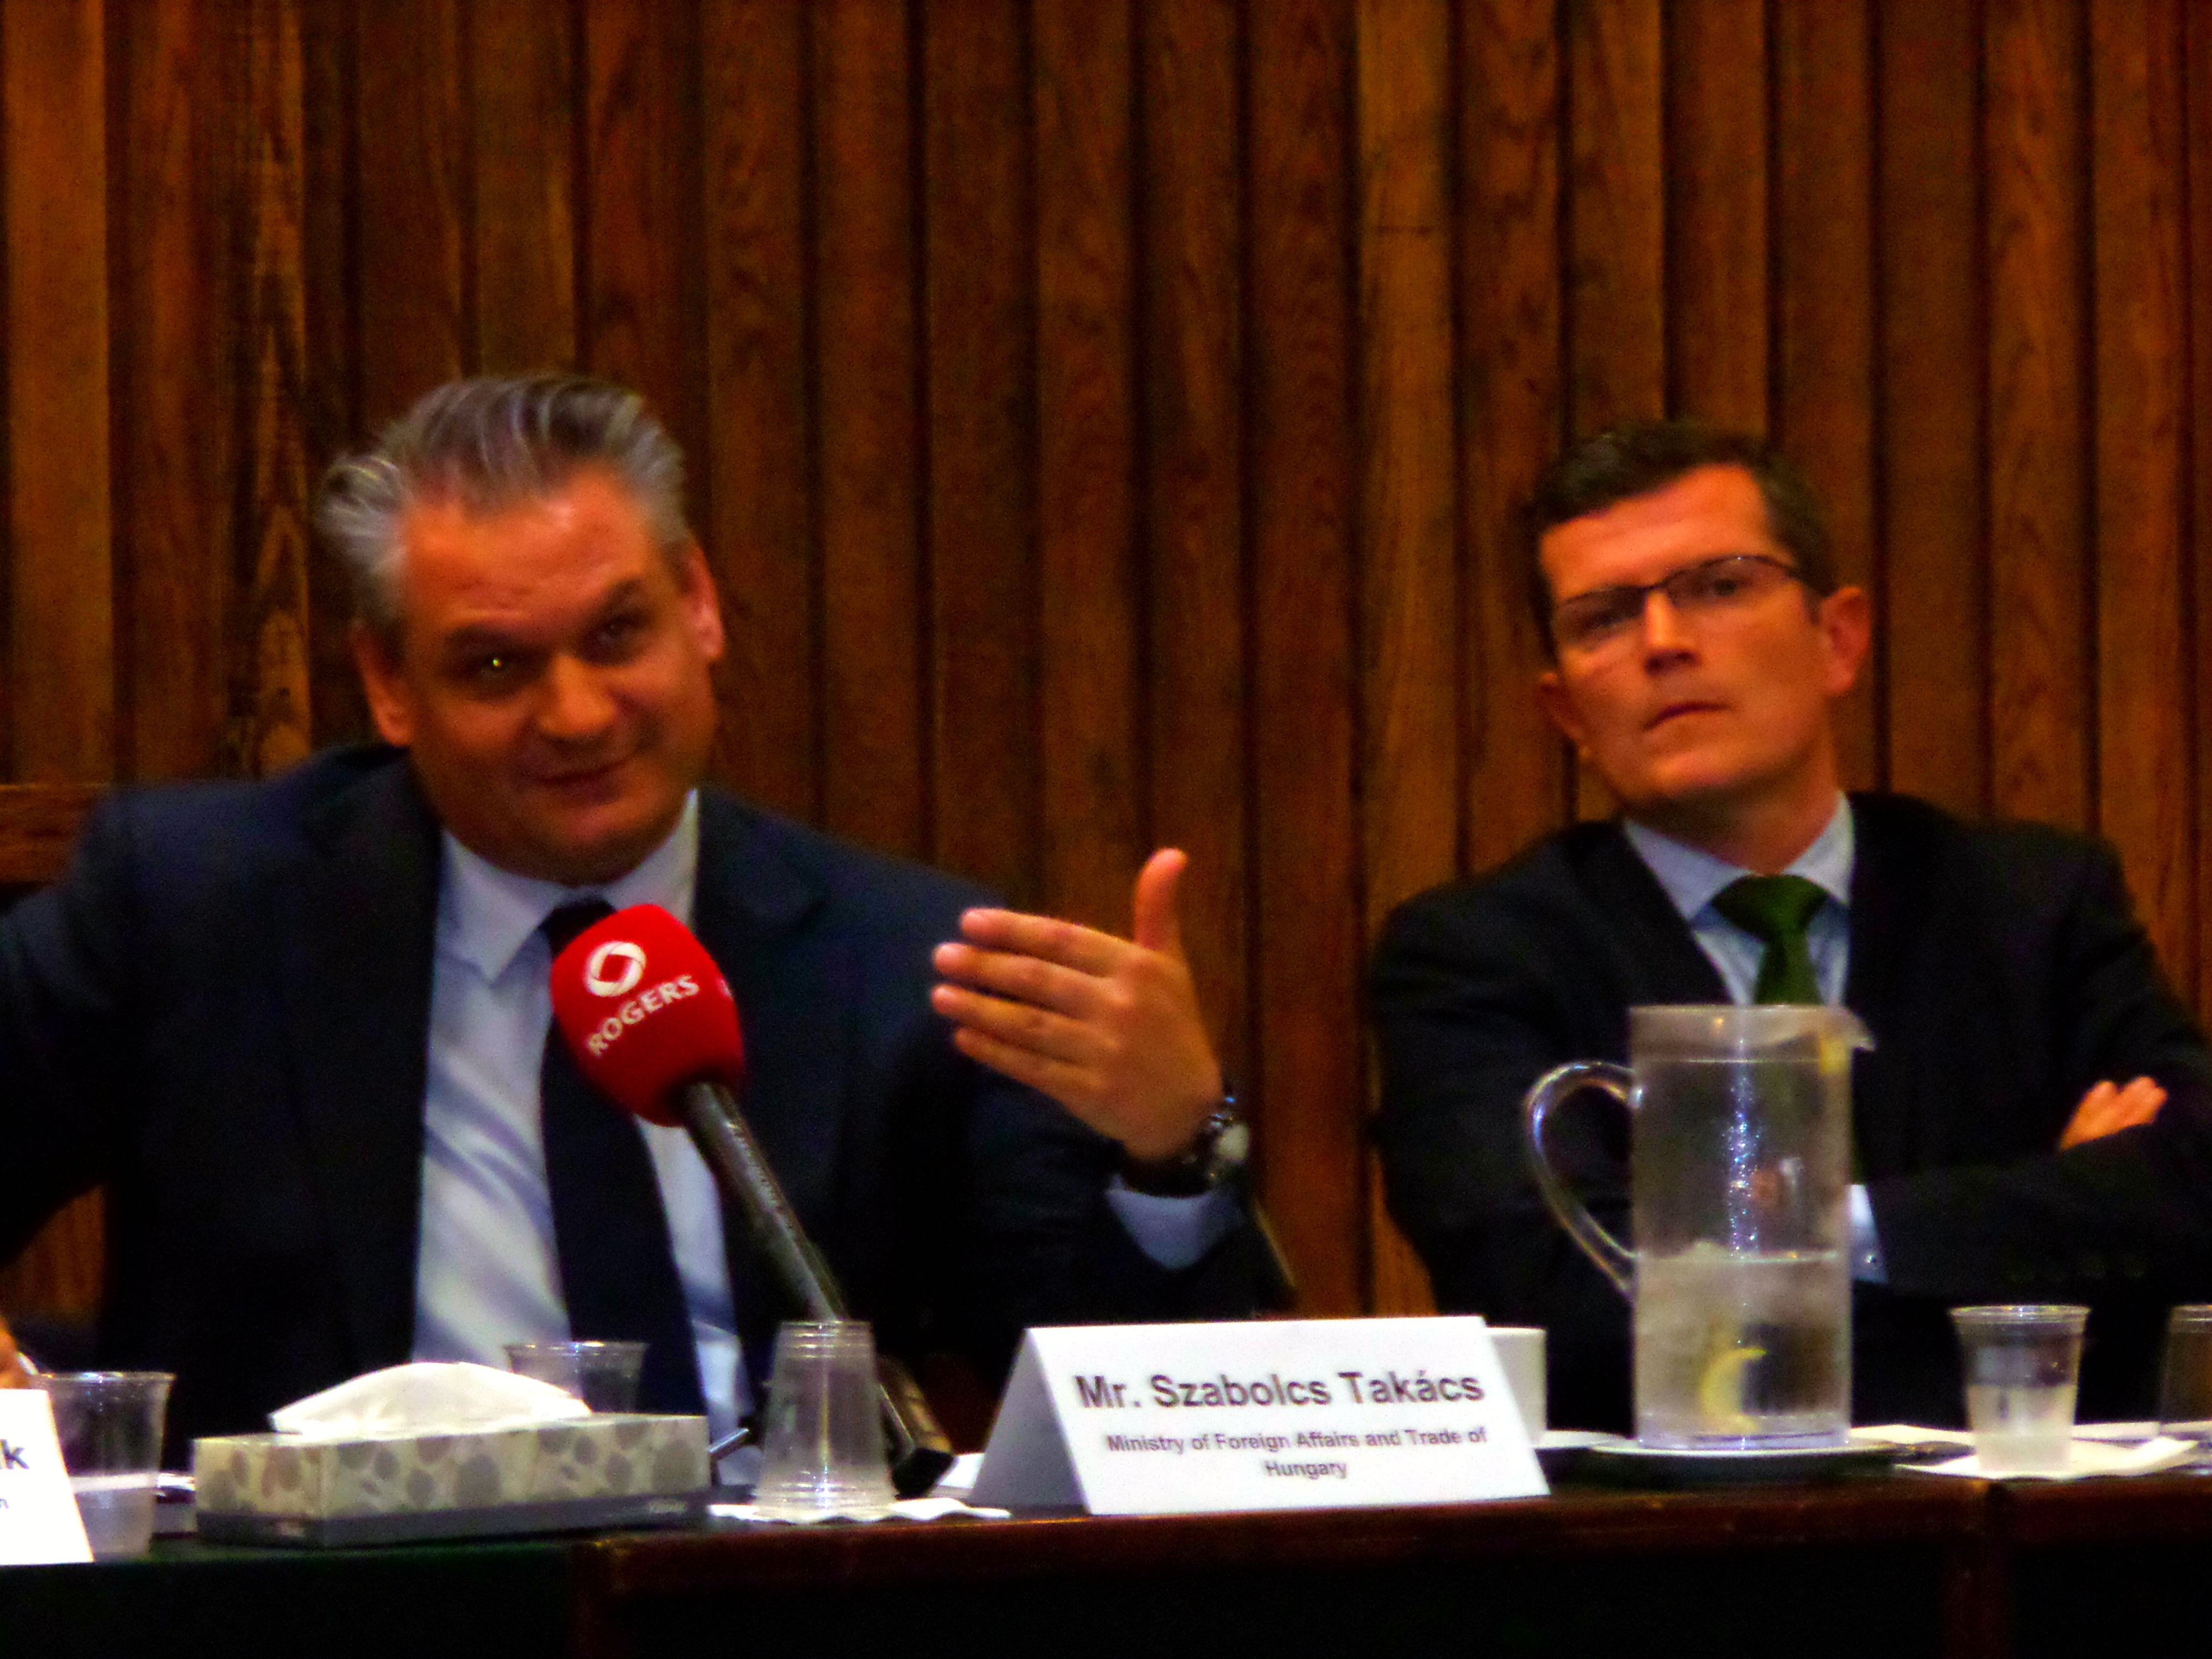 Takács Szabolcs az Orbán kormány stabilitását méltatta Ottawában. Fotó: C.A.